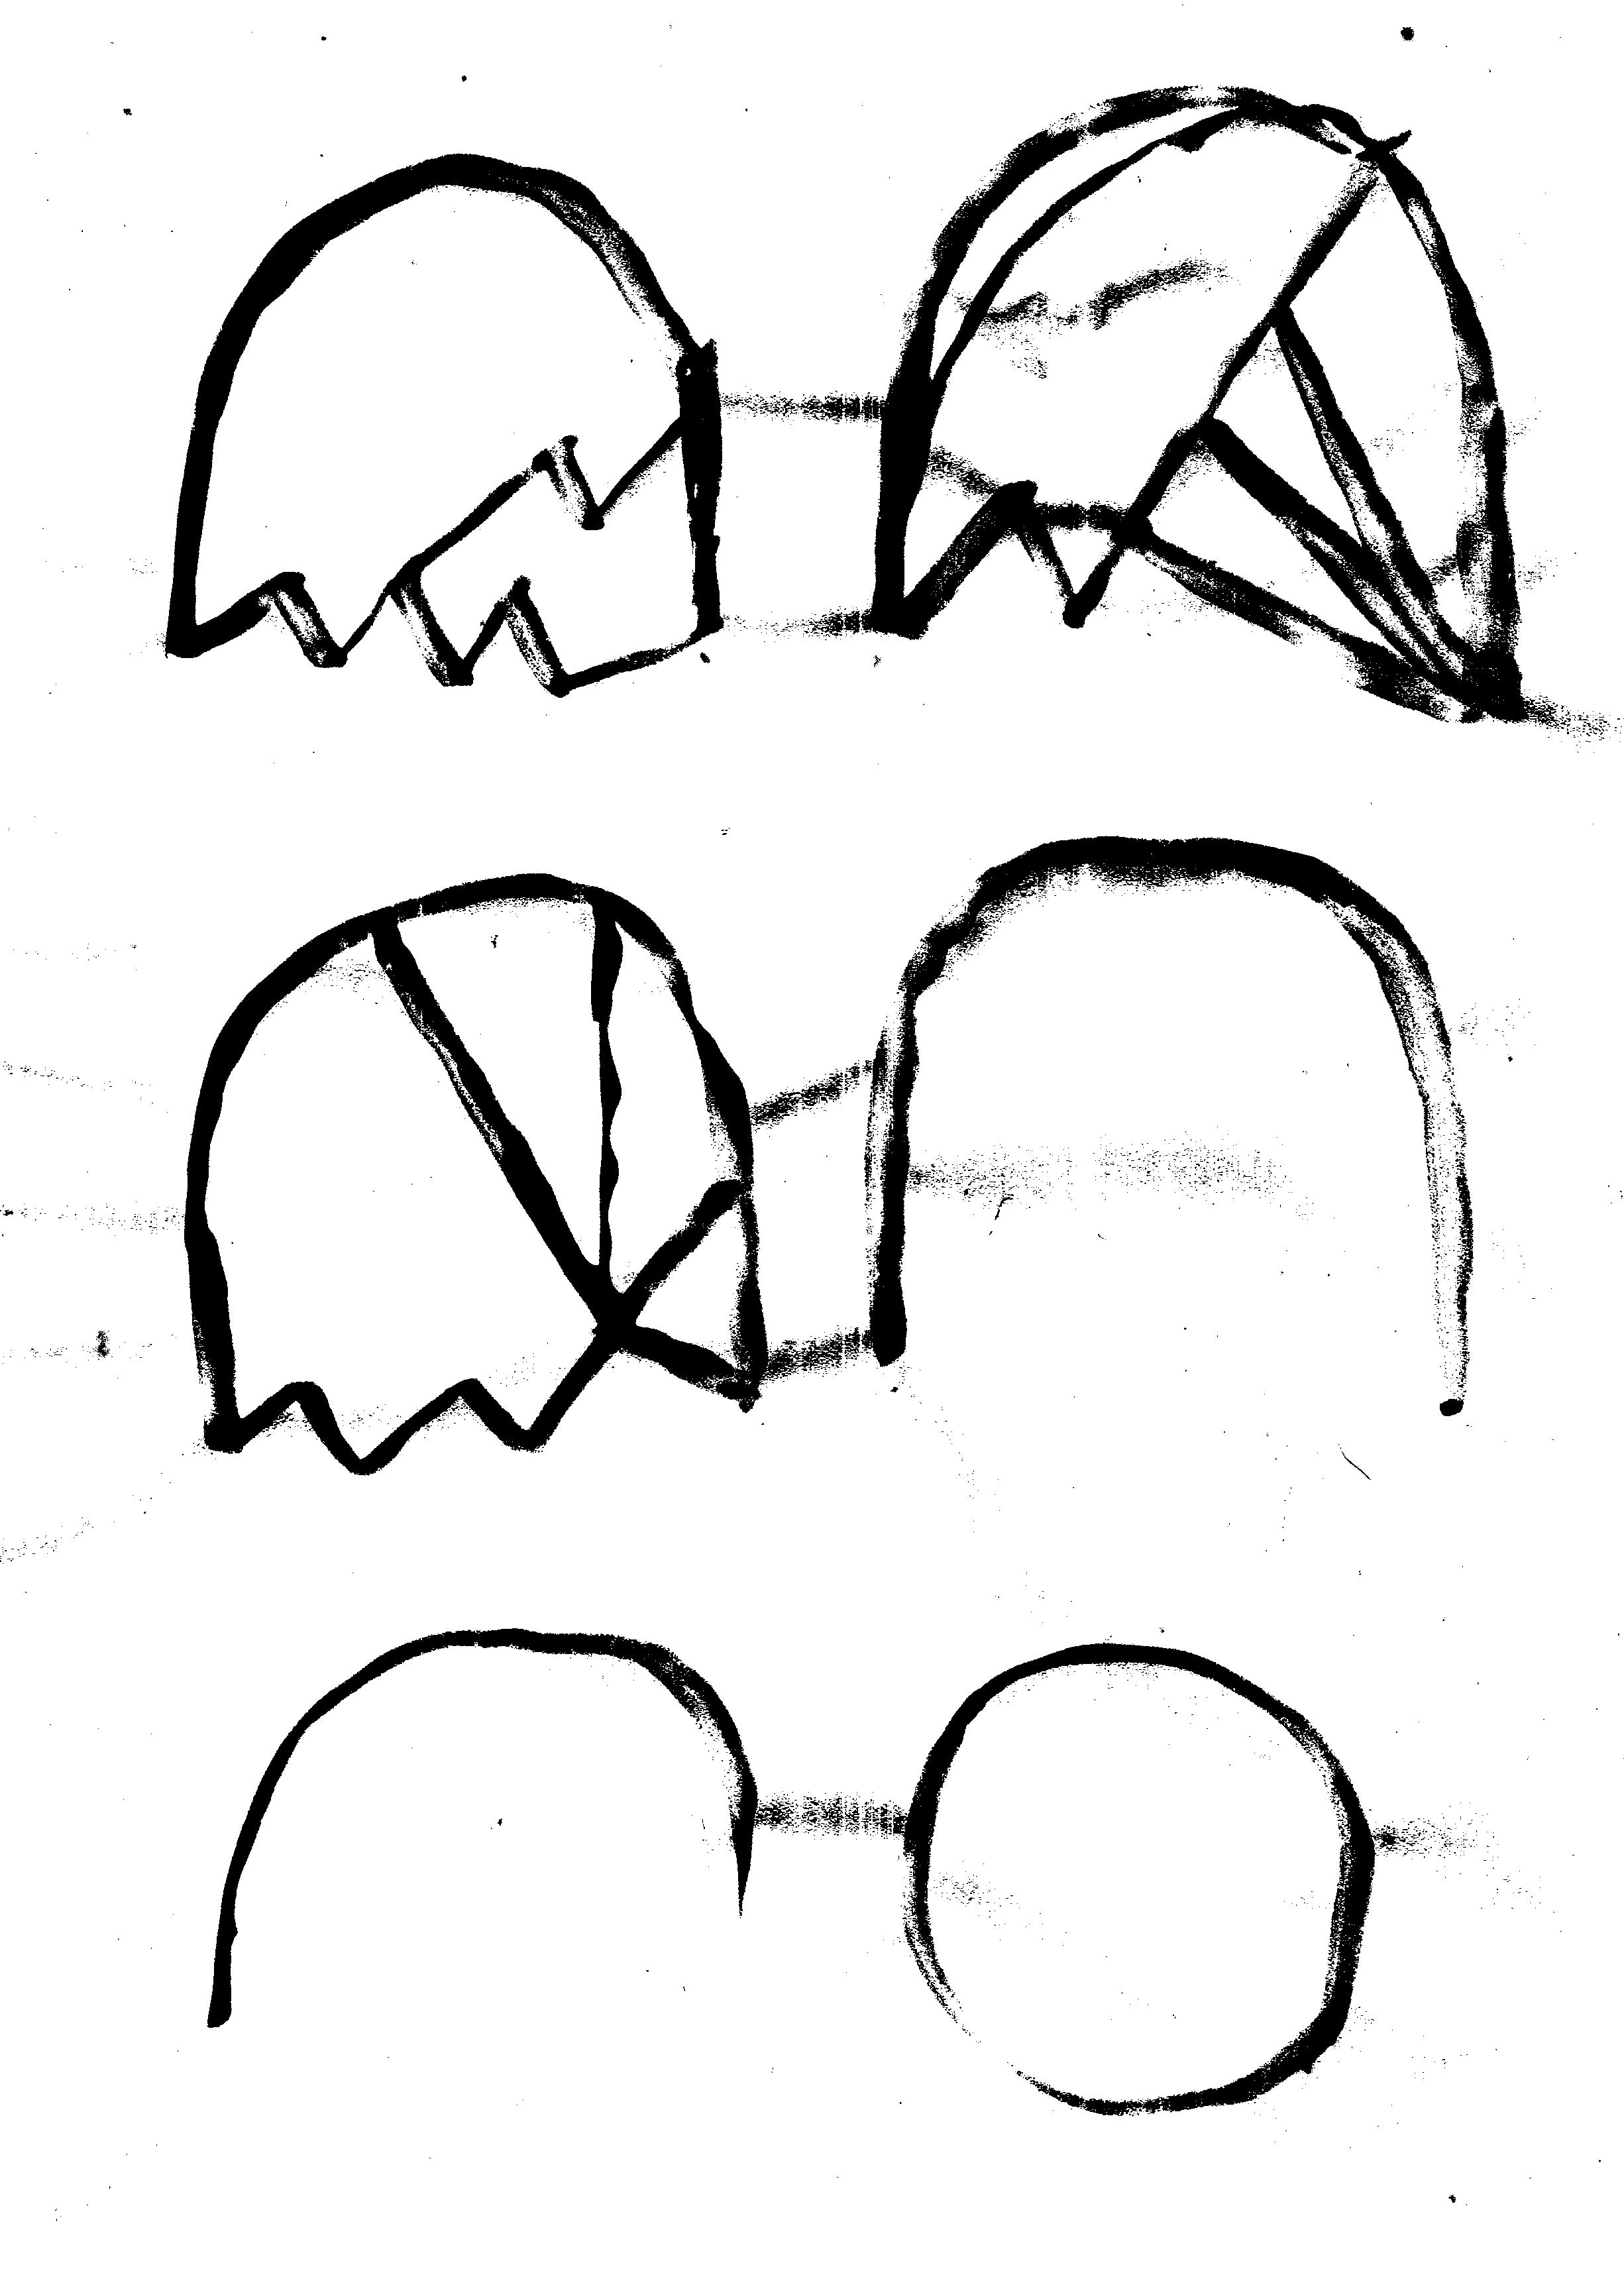 Element of the Shrednonomicon